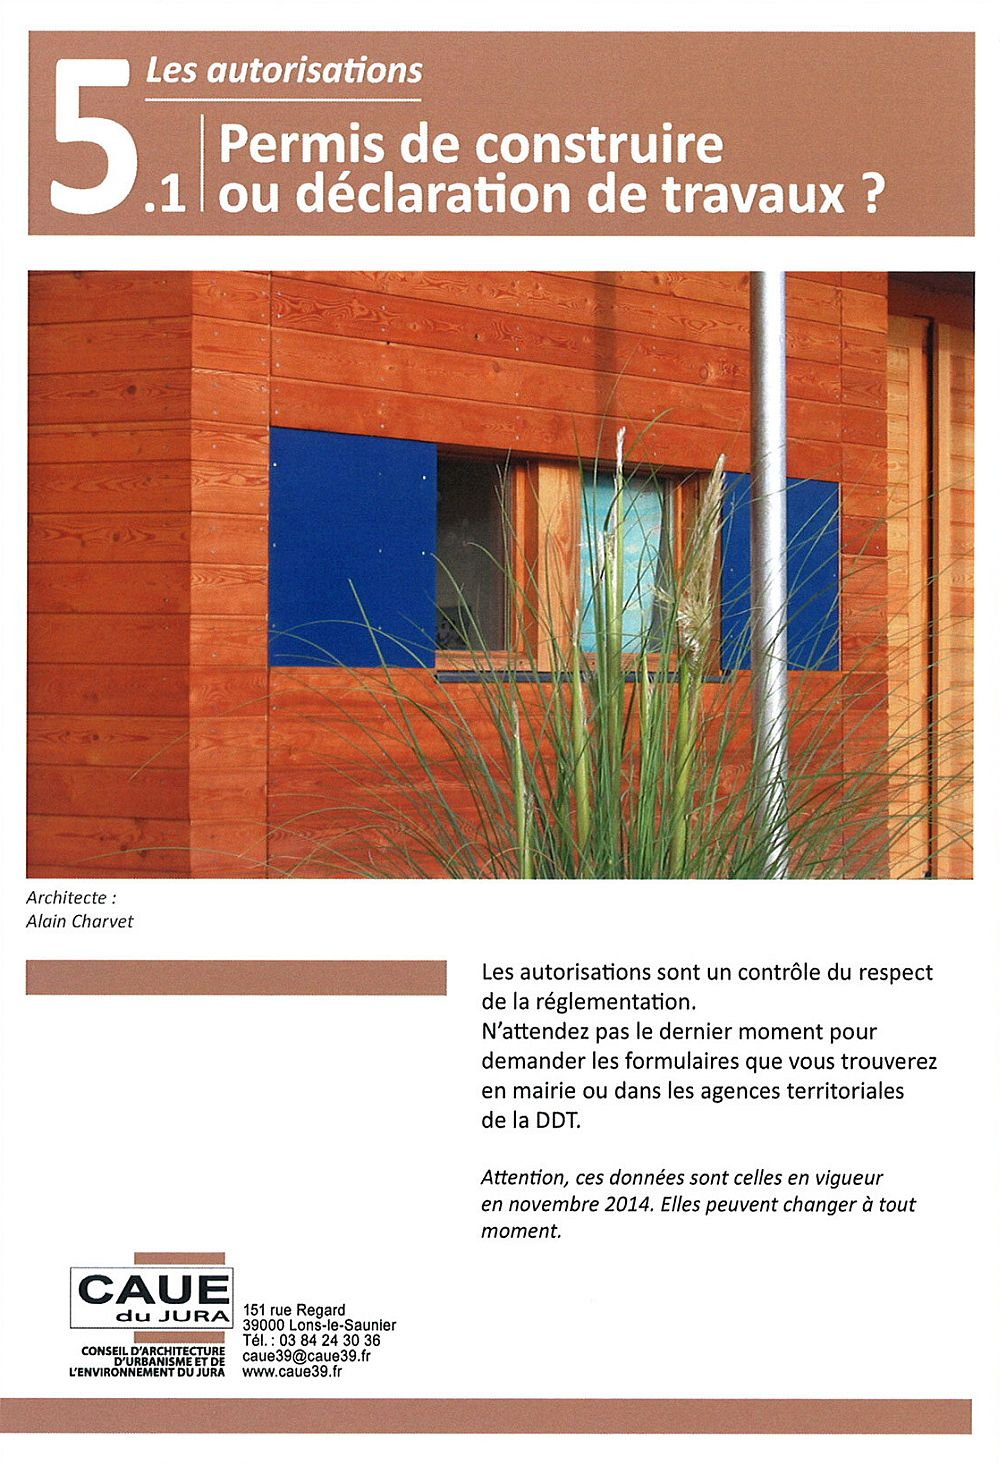 caue39 conseil d 39 architecture d 39 urbanisme et de l